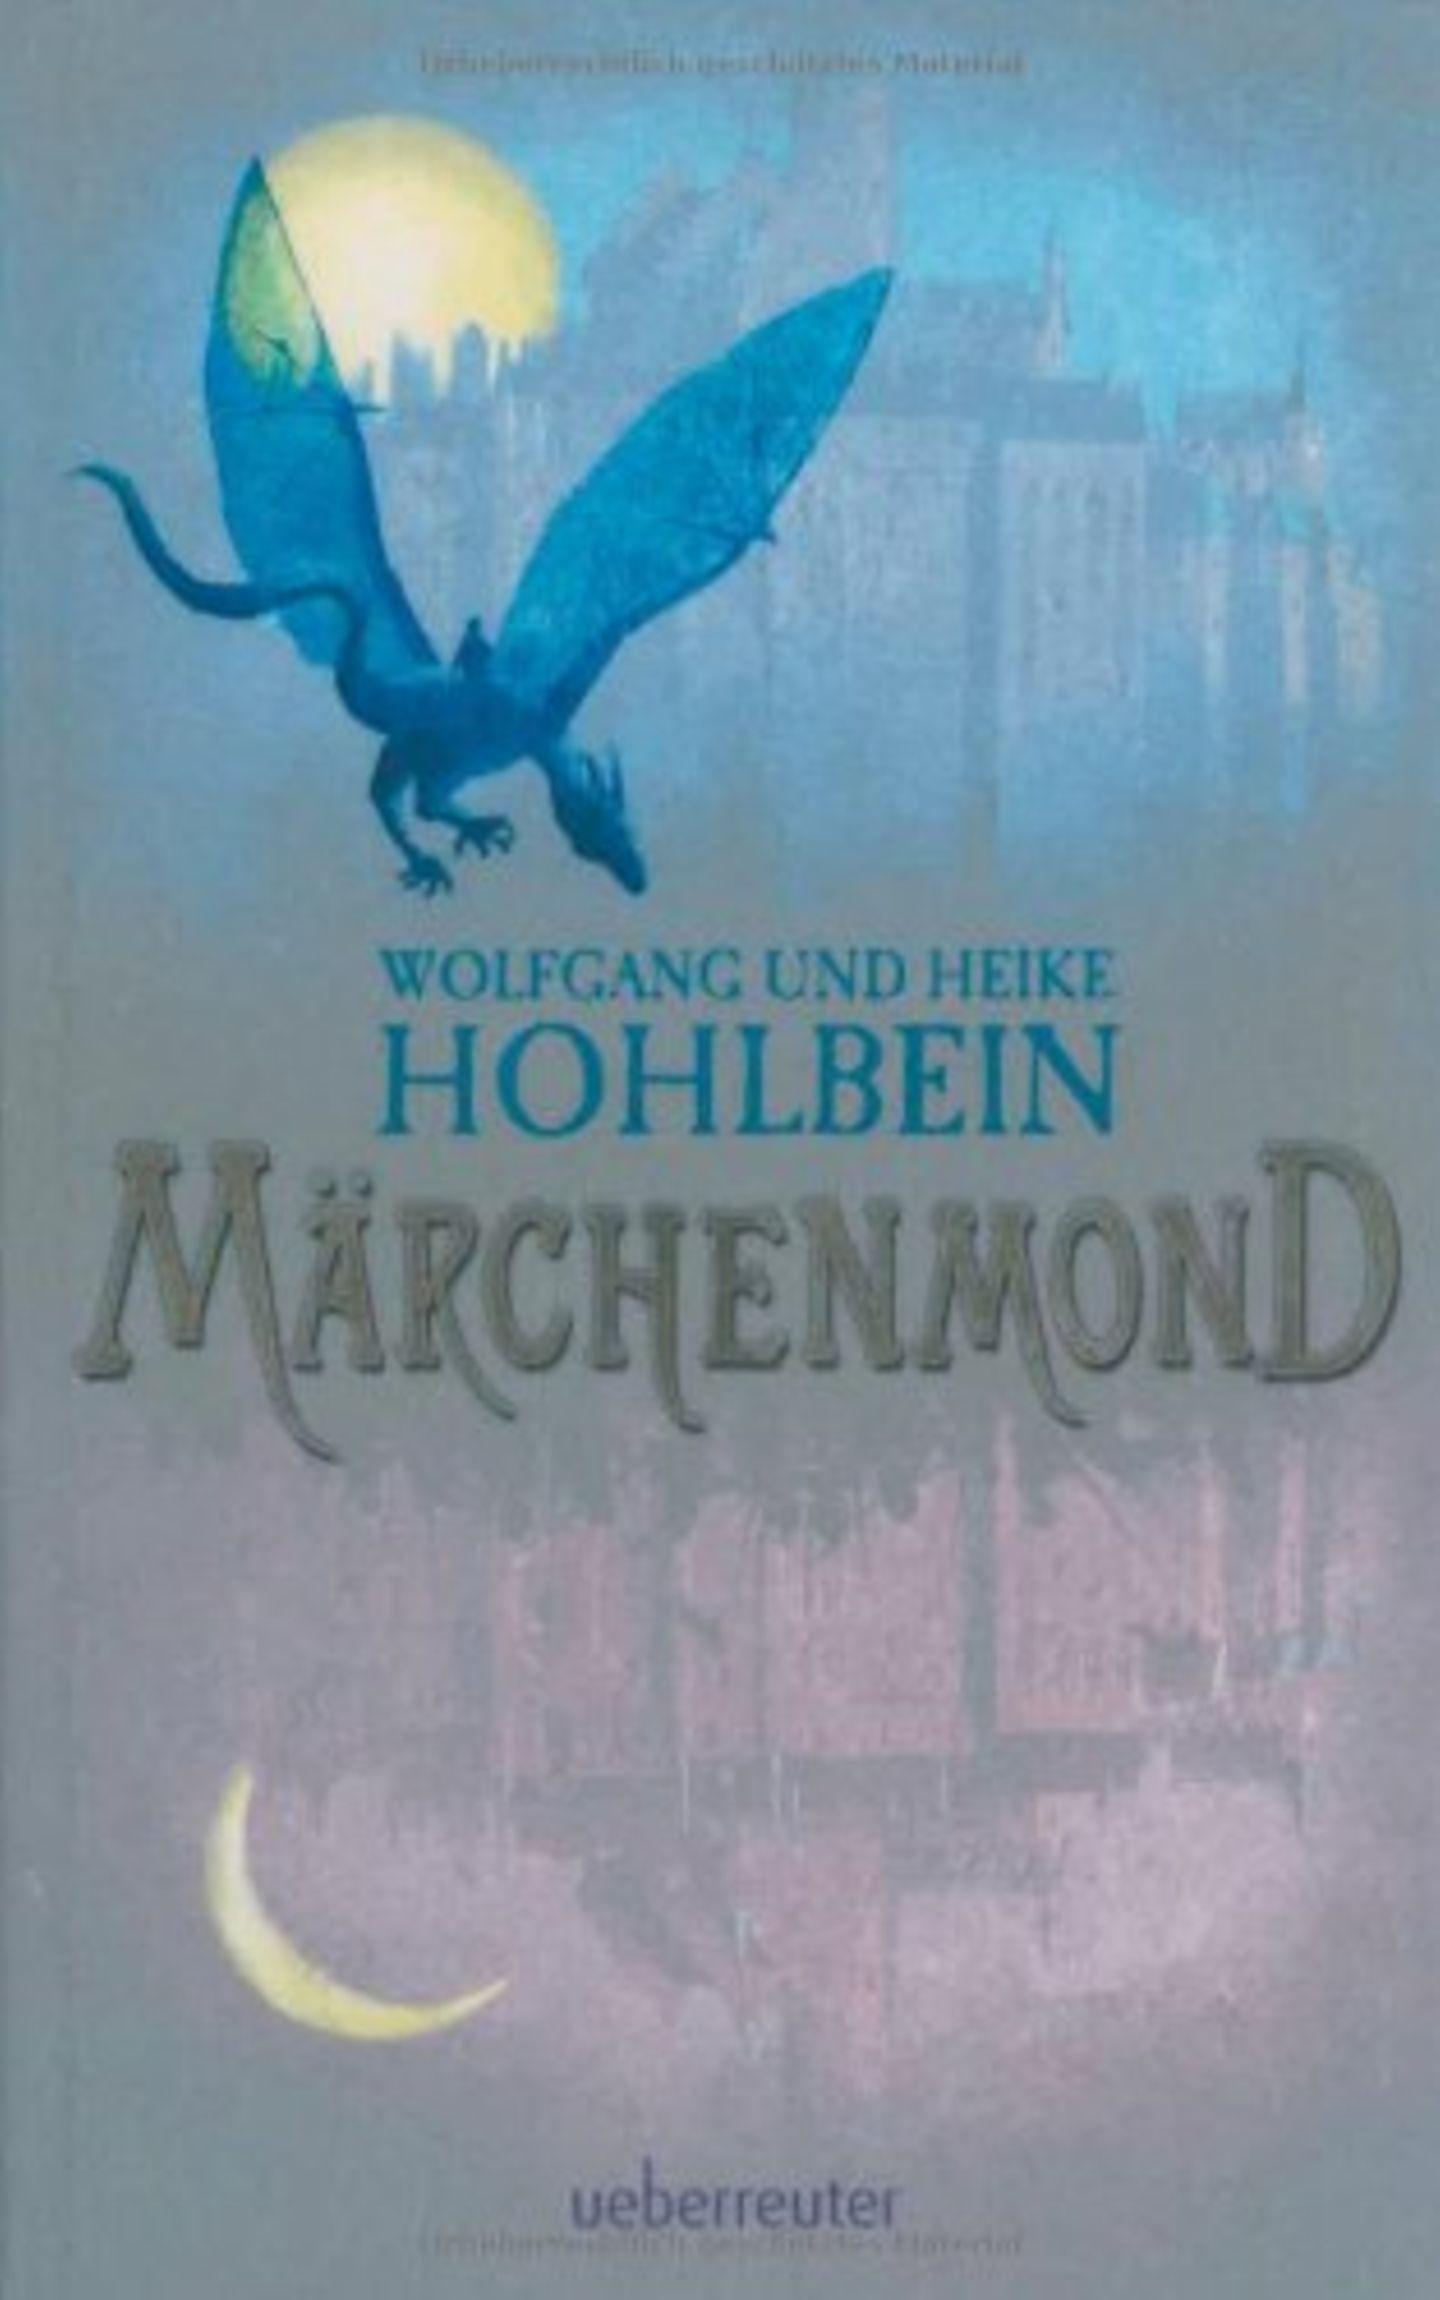 """Ulaubslektüre: """"Märchenmond"""" von Wolfgang und Heike Hohlbein"""